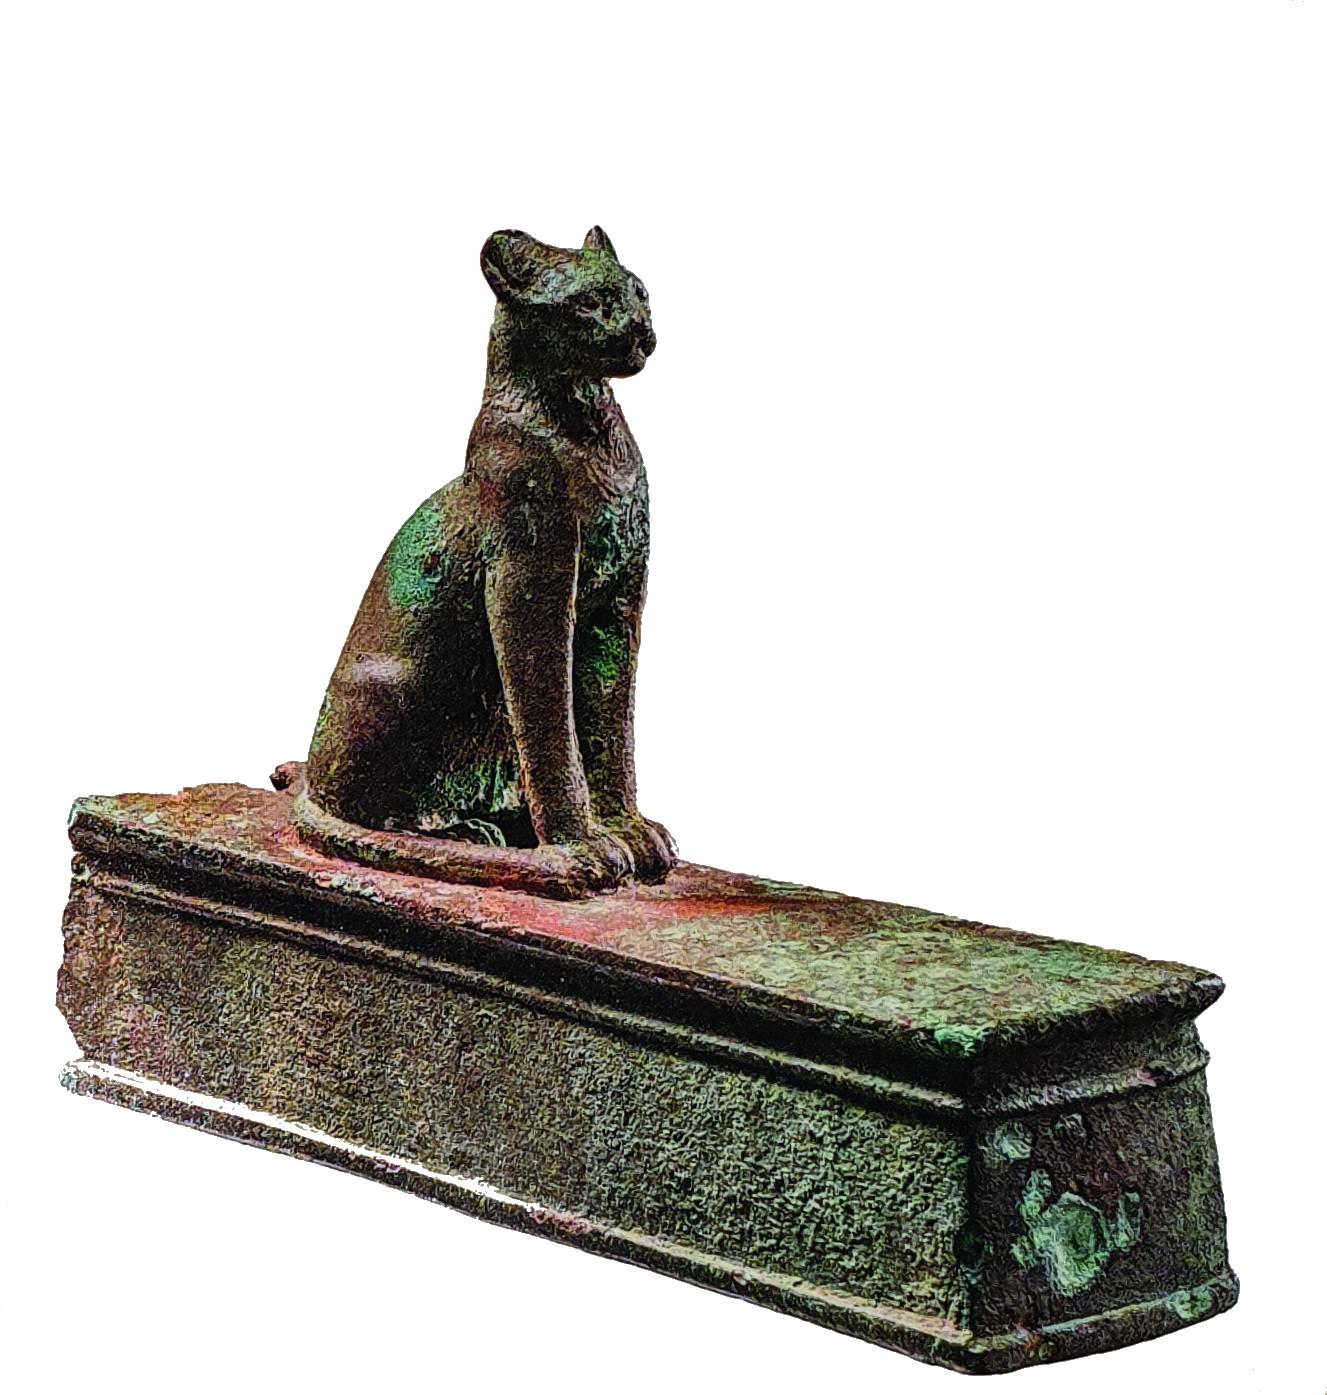 Katzengeschichte(n) aus demAlten Ägypten